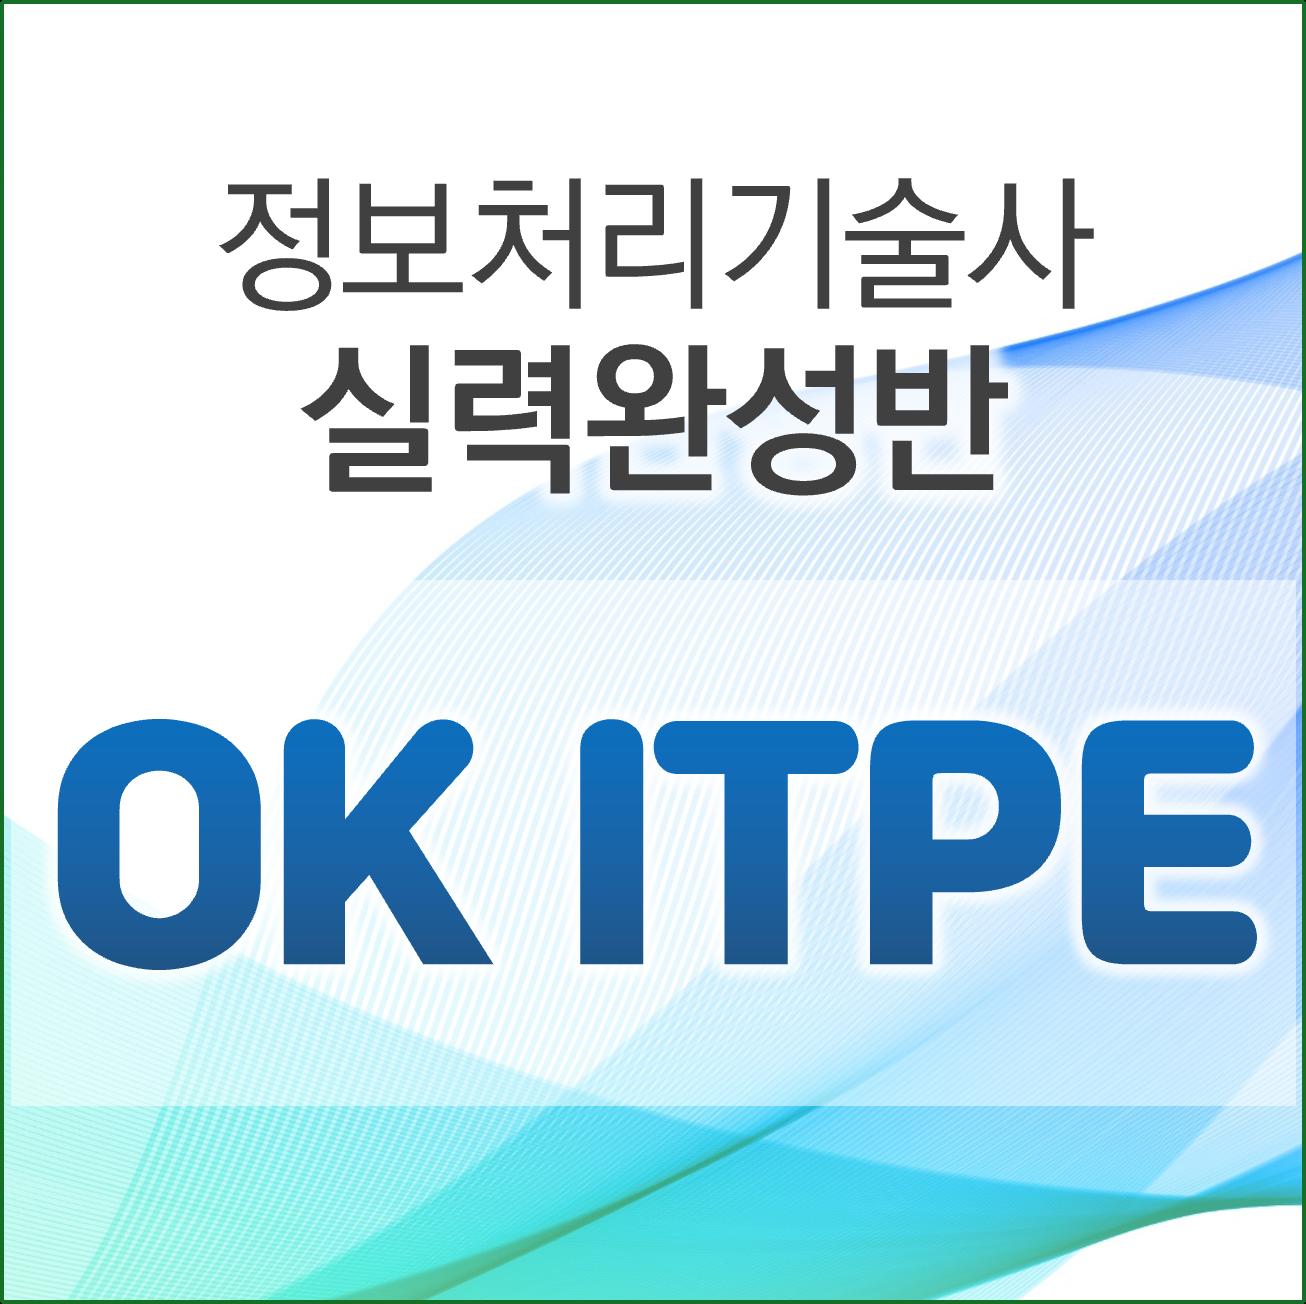 [정보처리기술사-실력완성] OK ITPE반(서대열PE)